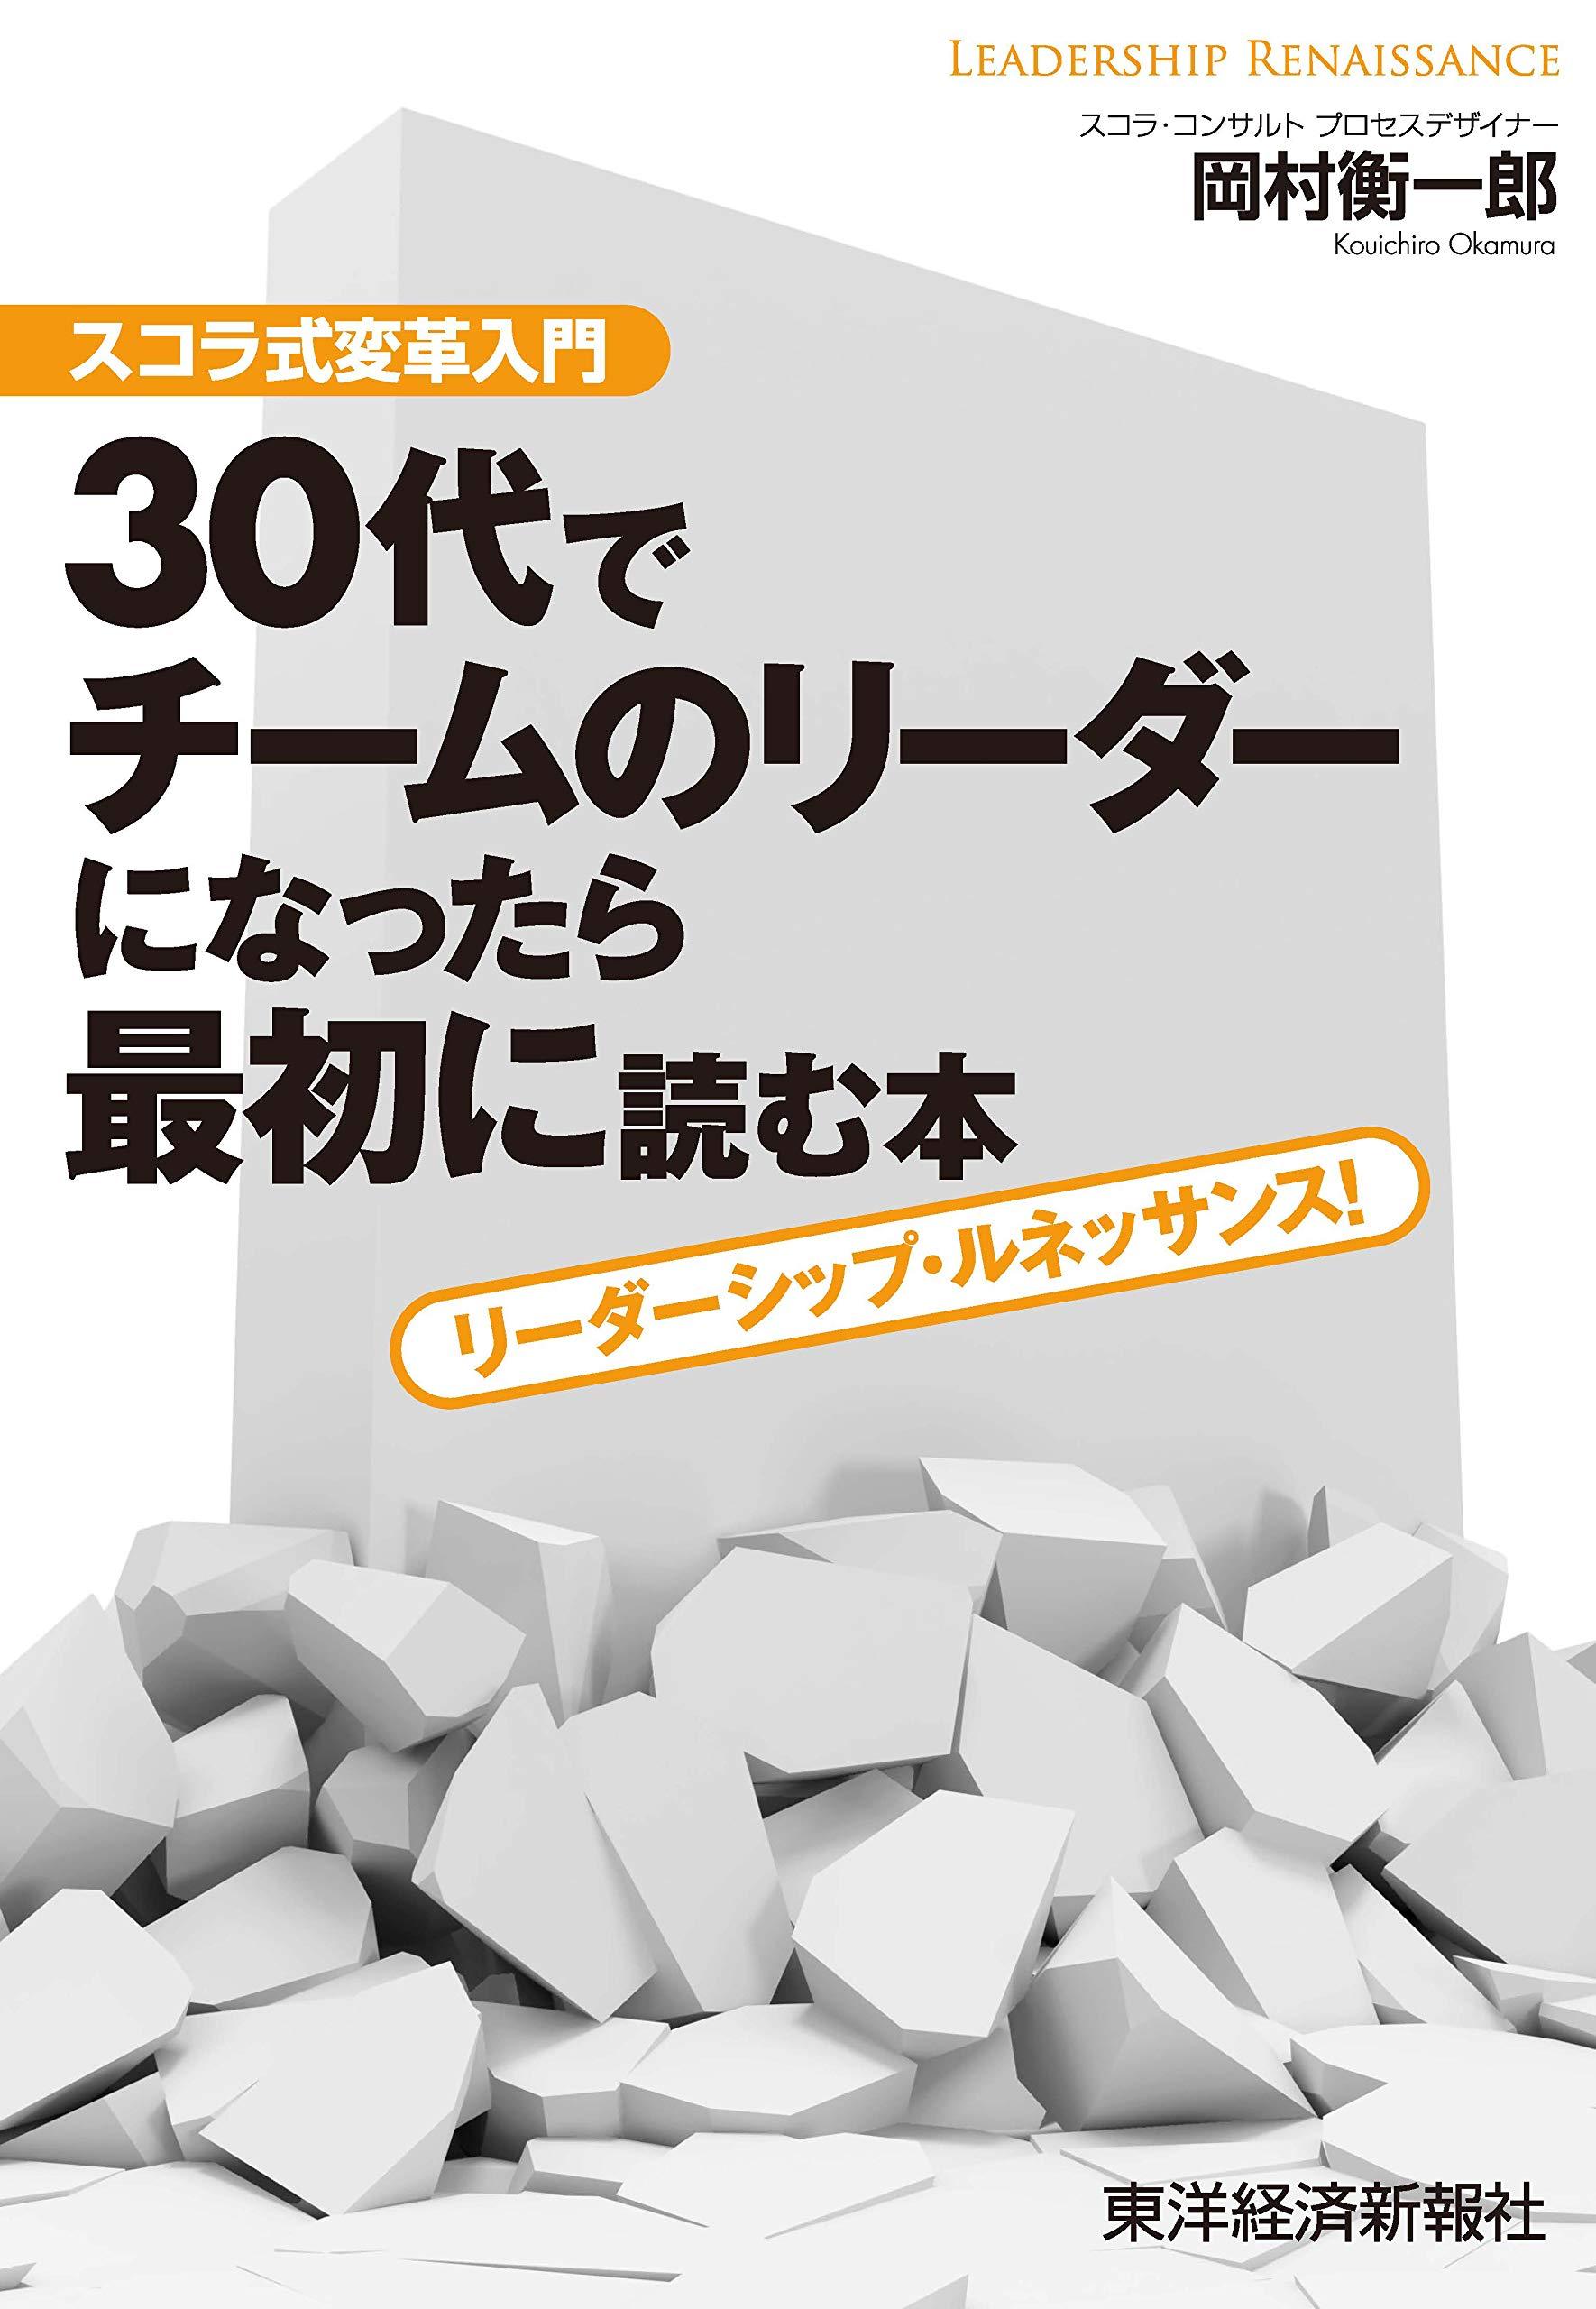 30代でチームのリーダーになったら最初に読む本 著:岡村 衡一郎